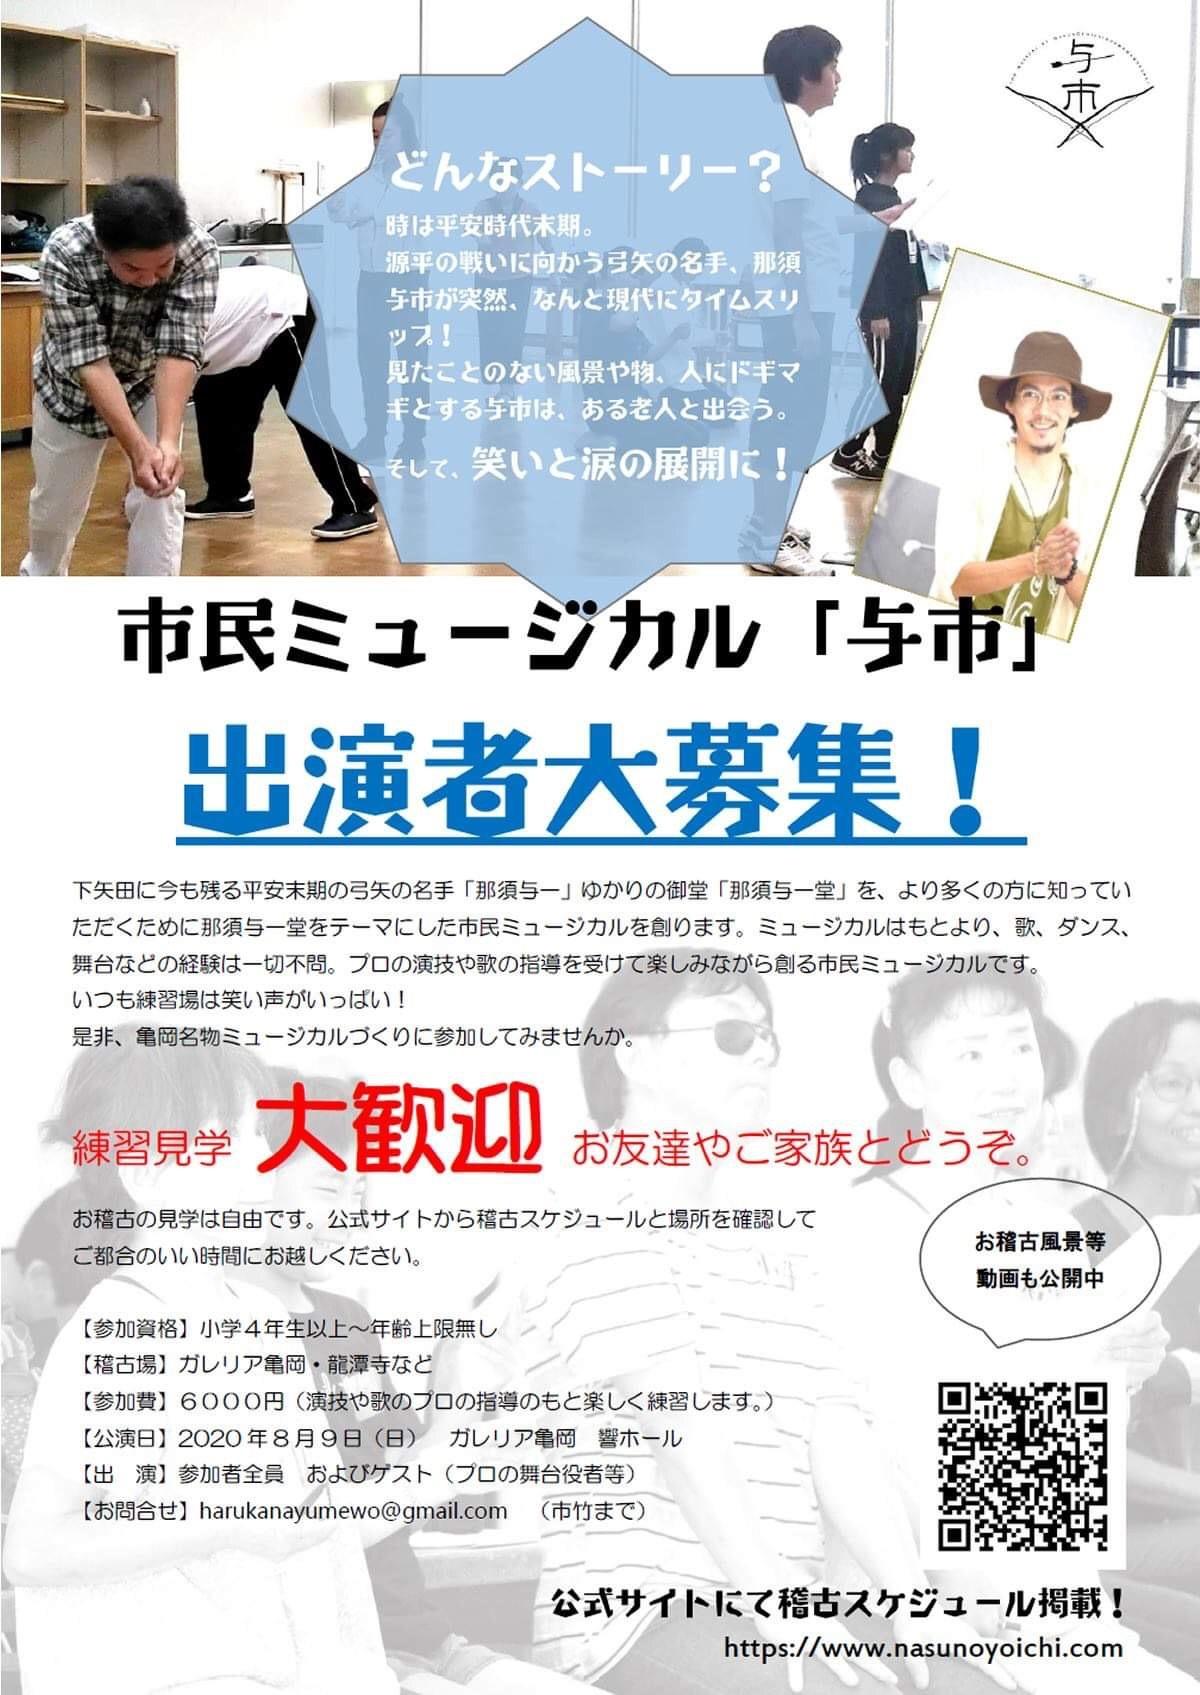 市民ミュージカル「与市」イベント出演決定!出演者募集!_c0180209_21511739.jpeg